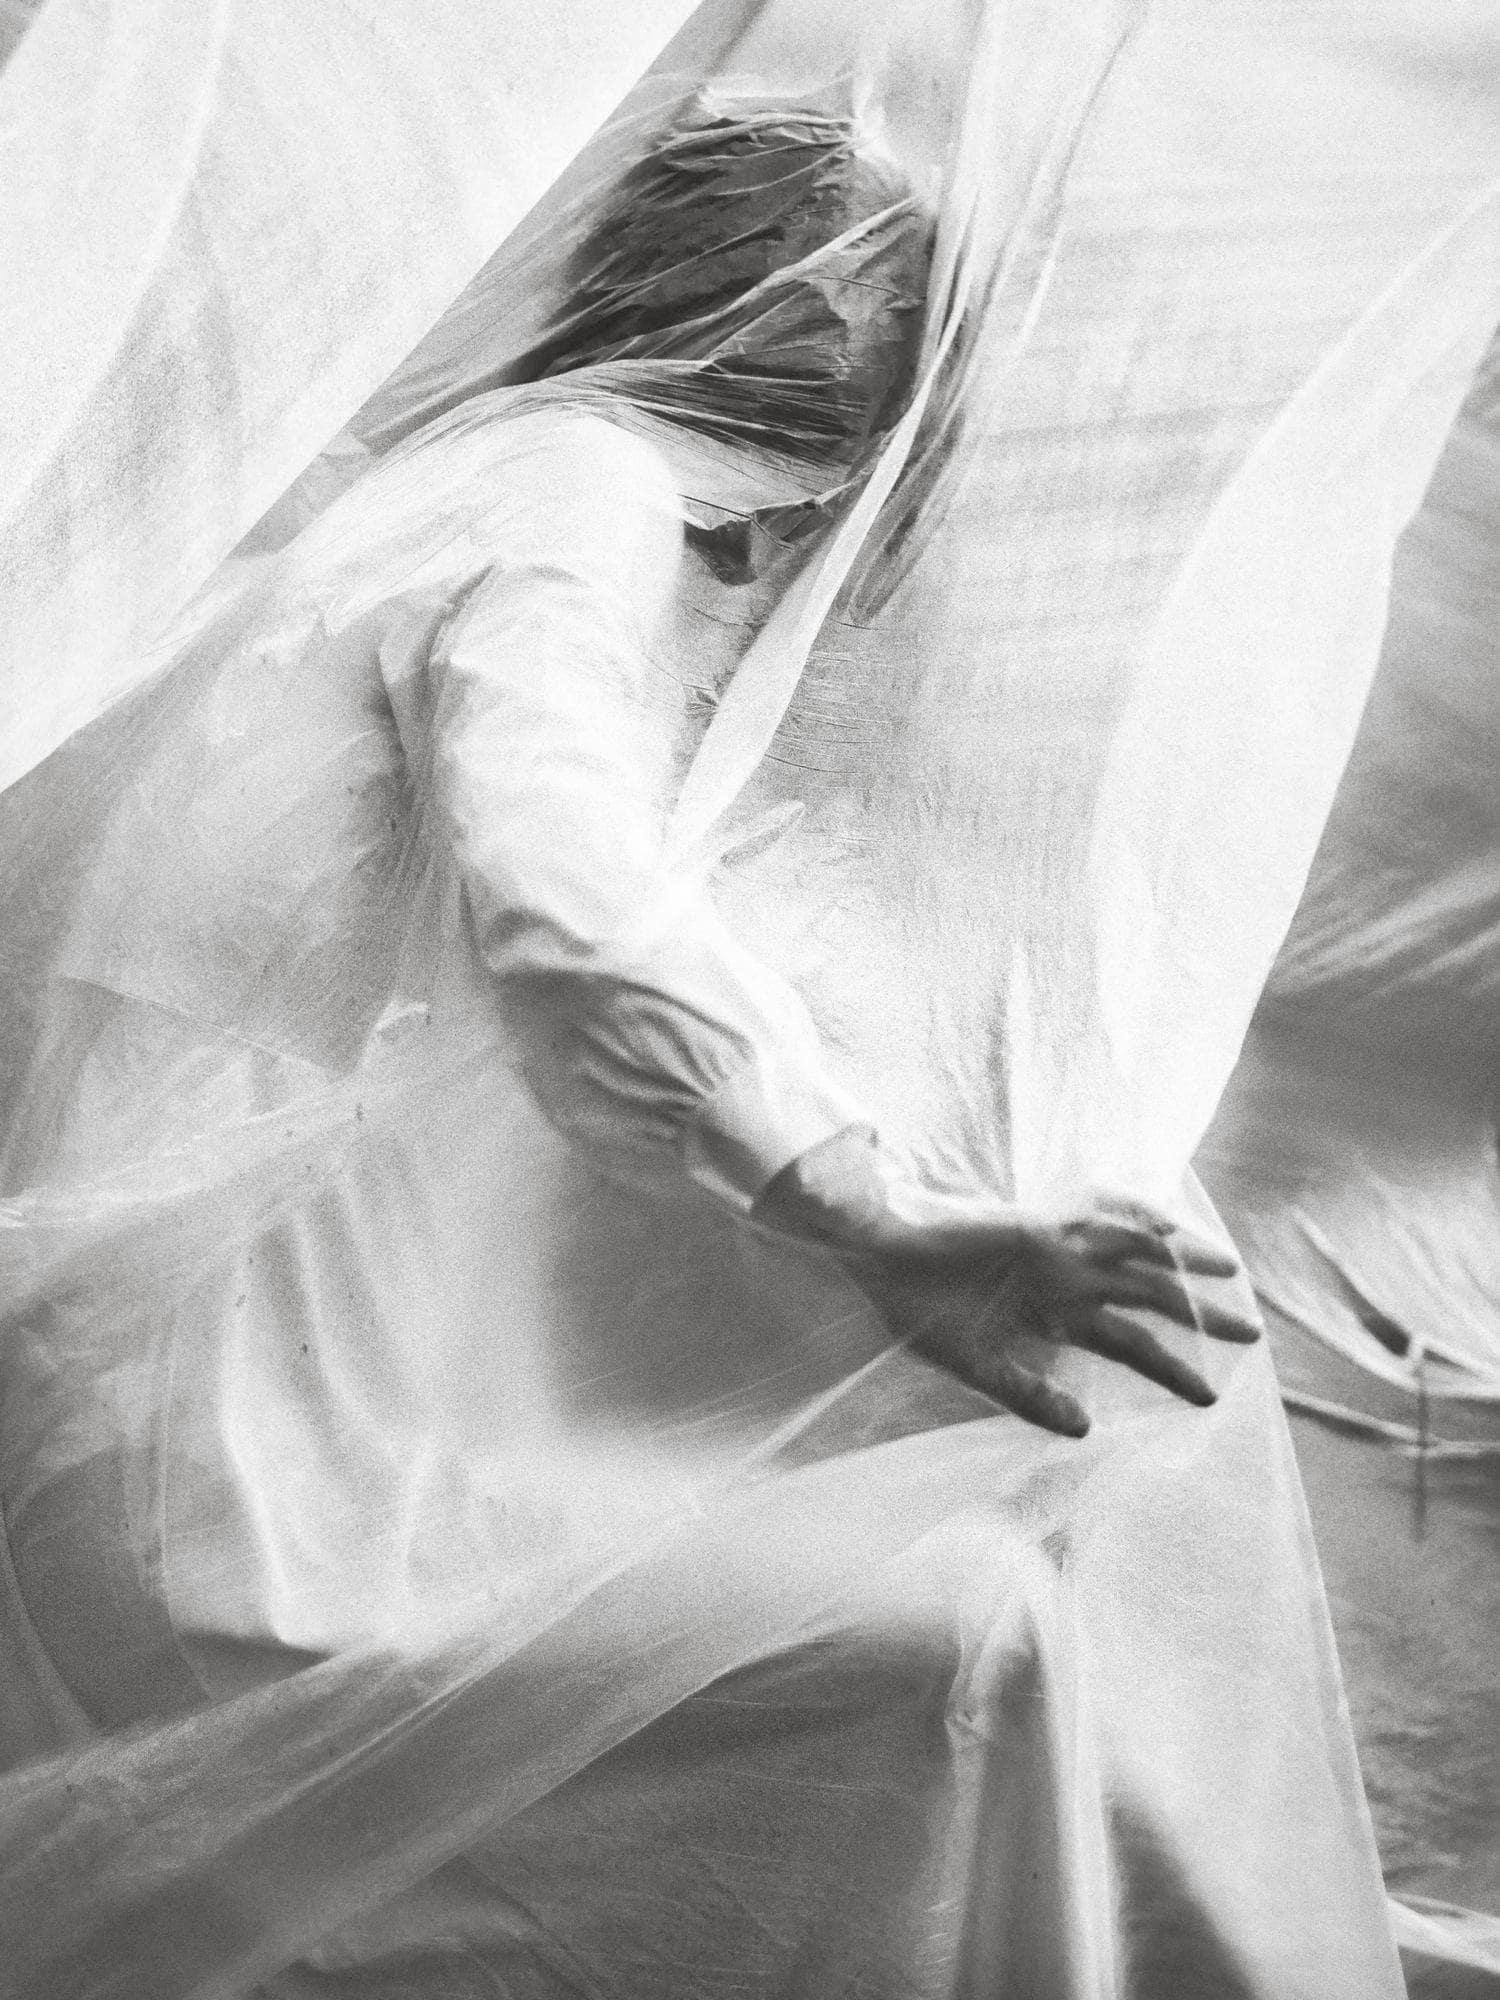 fotografía creativa mujer entre sábanas